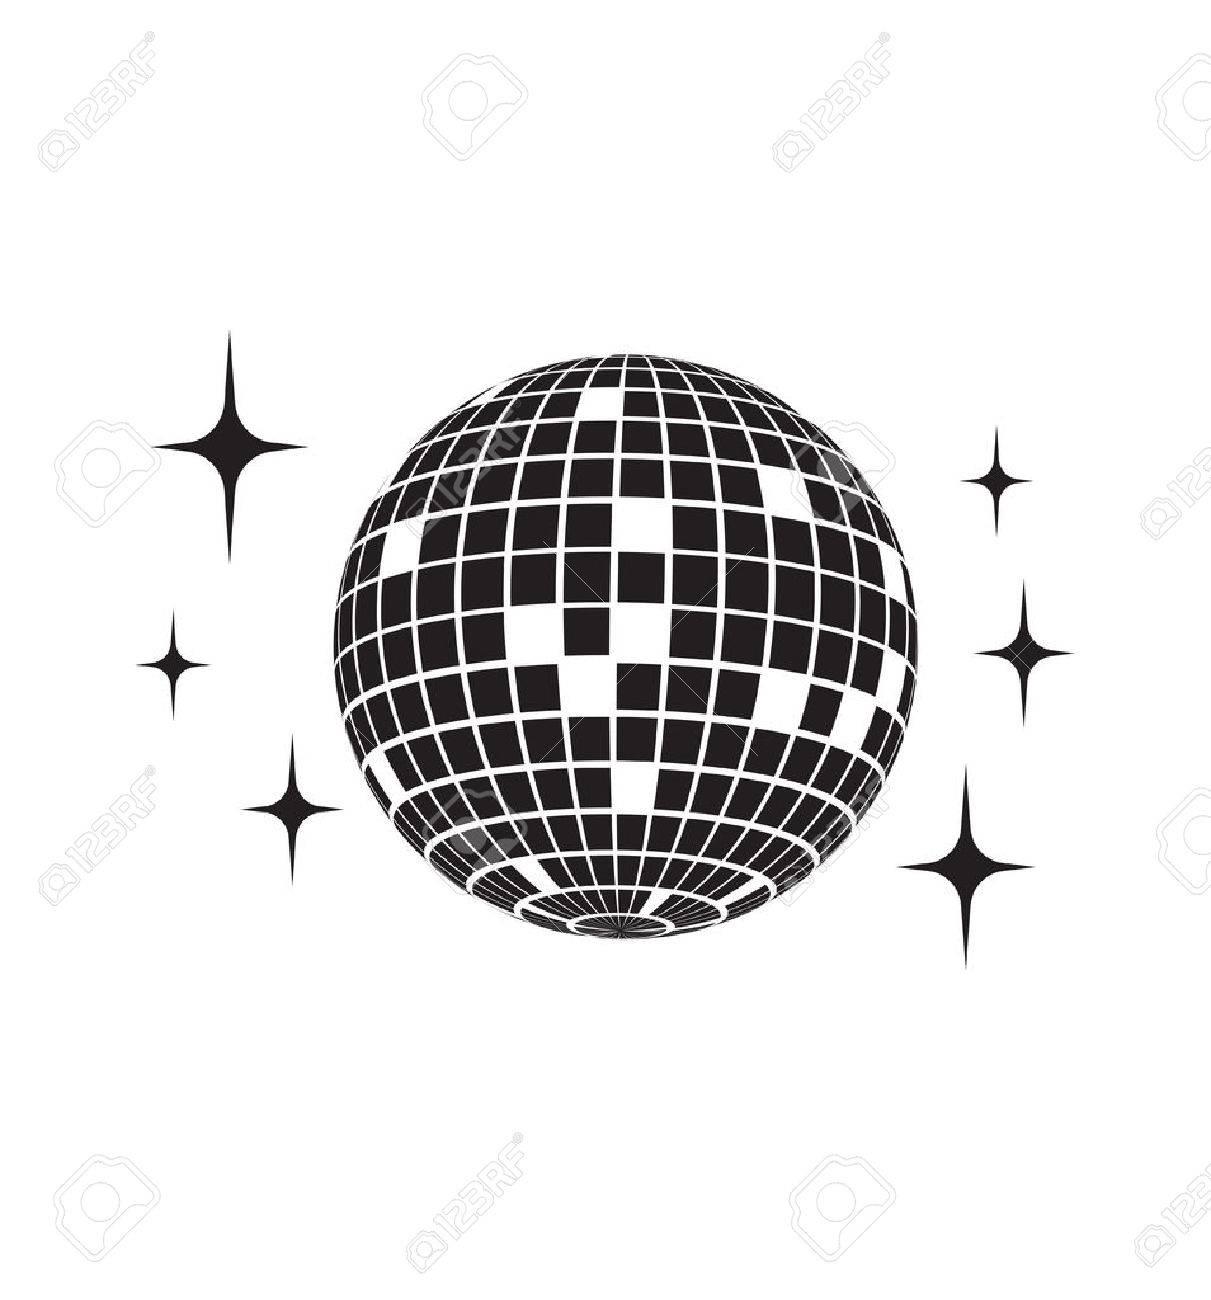 disco ball vector icon royalty free cliparts vectors and stock rh 123rf com disco ball vector illustrator disco ball vetor